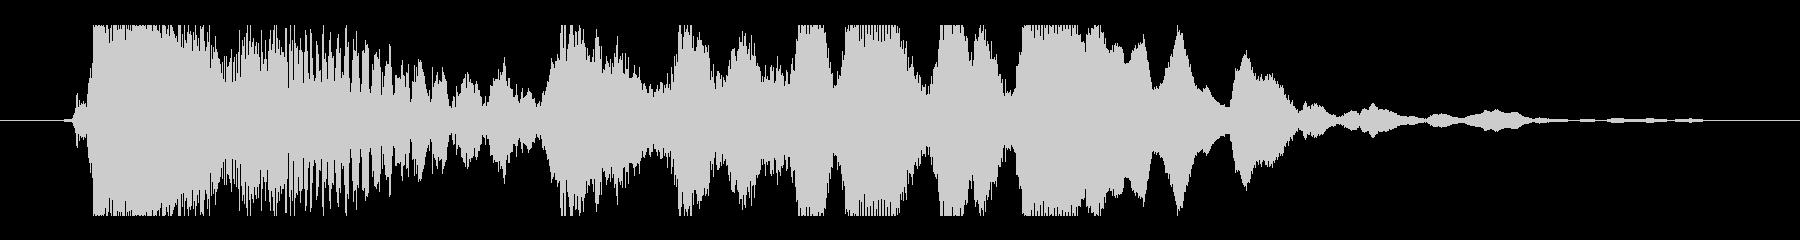 チュイーン(パチンコ当たりの音)の未再生の波形